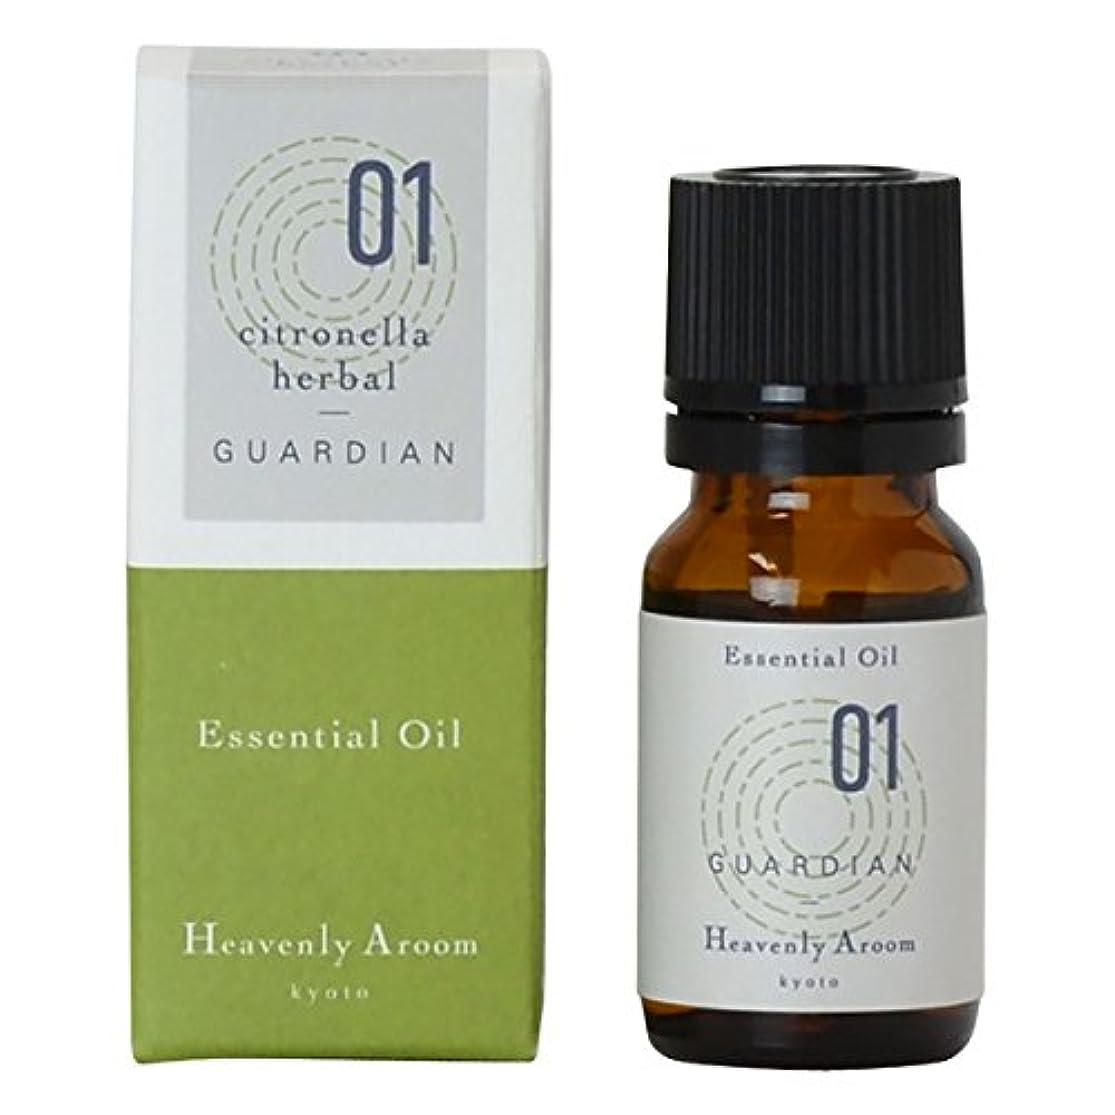 香水構成するプライバシーHeavenly Aroom エッセンシャルオイル GUARDIAN 01 シトロネラハーバル 10ml